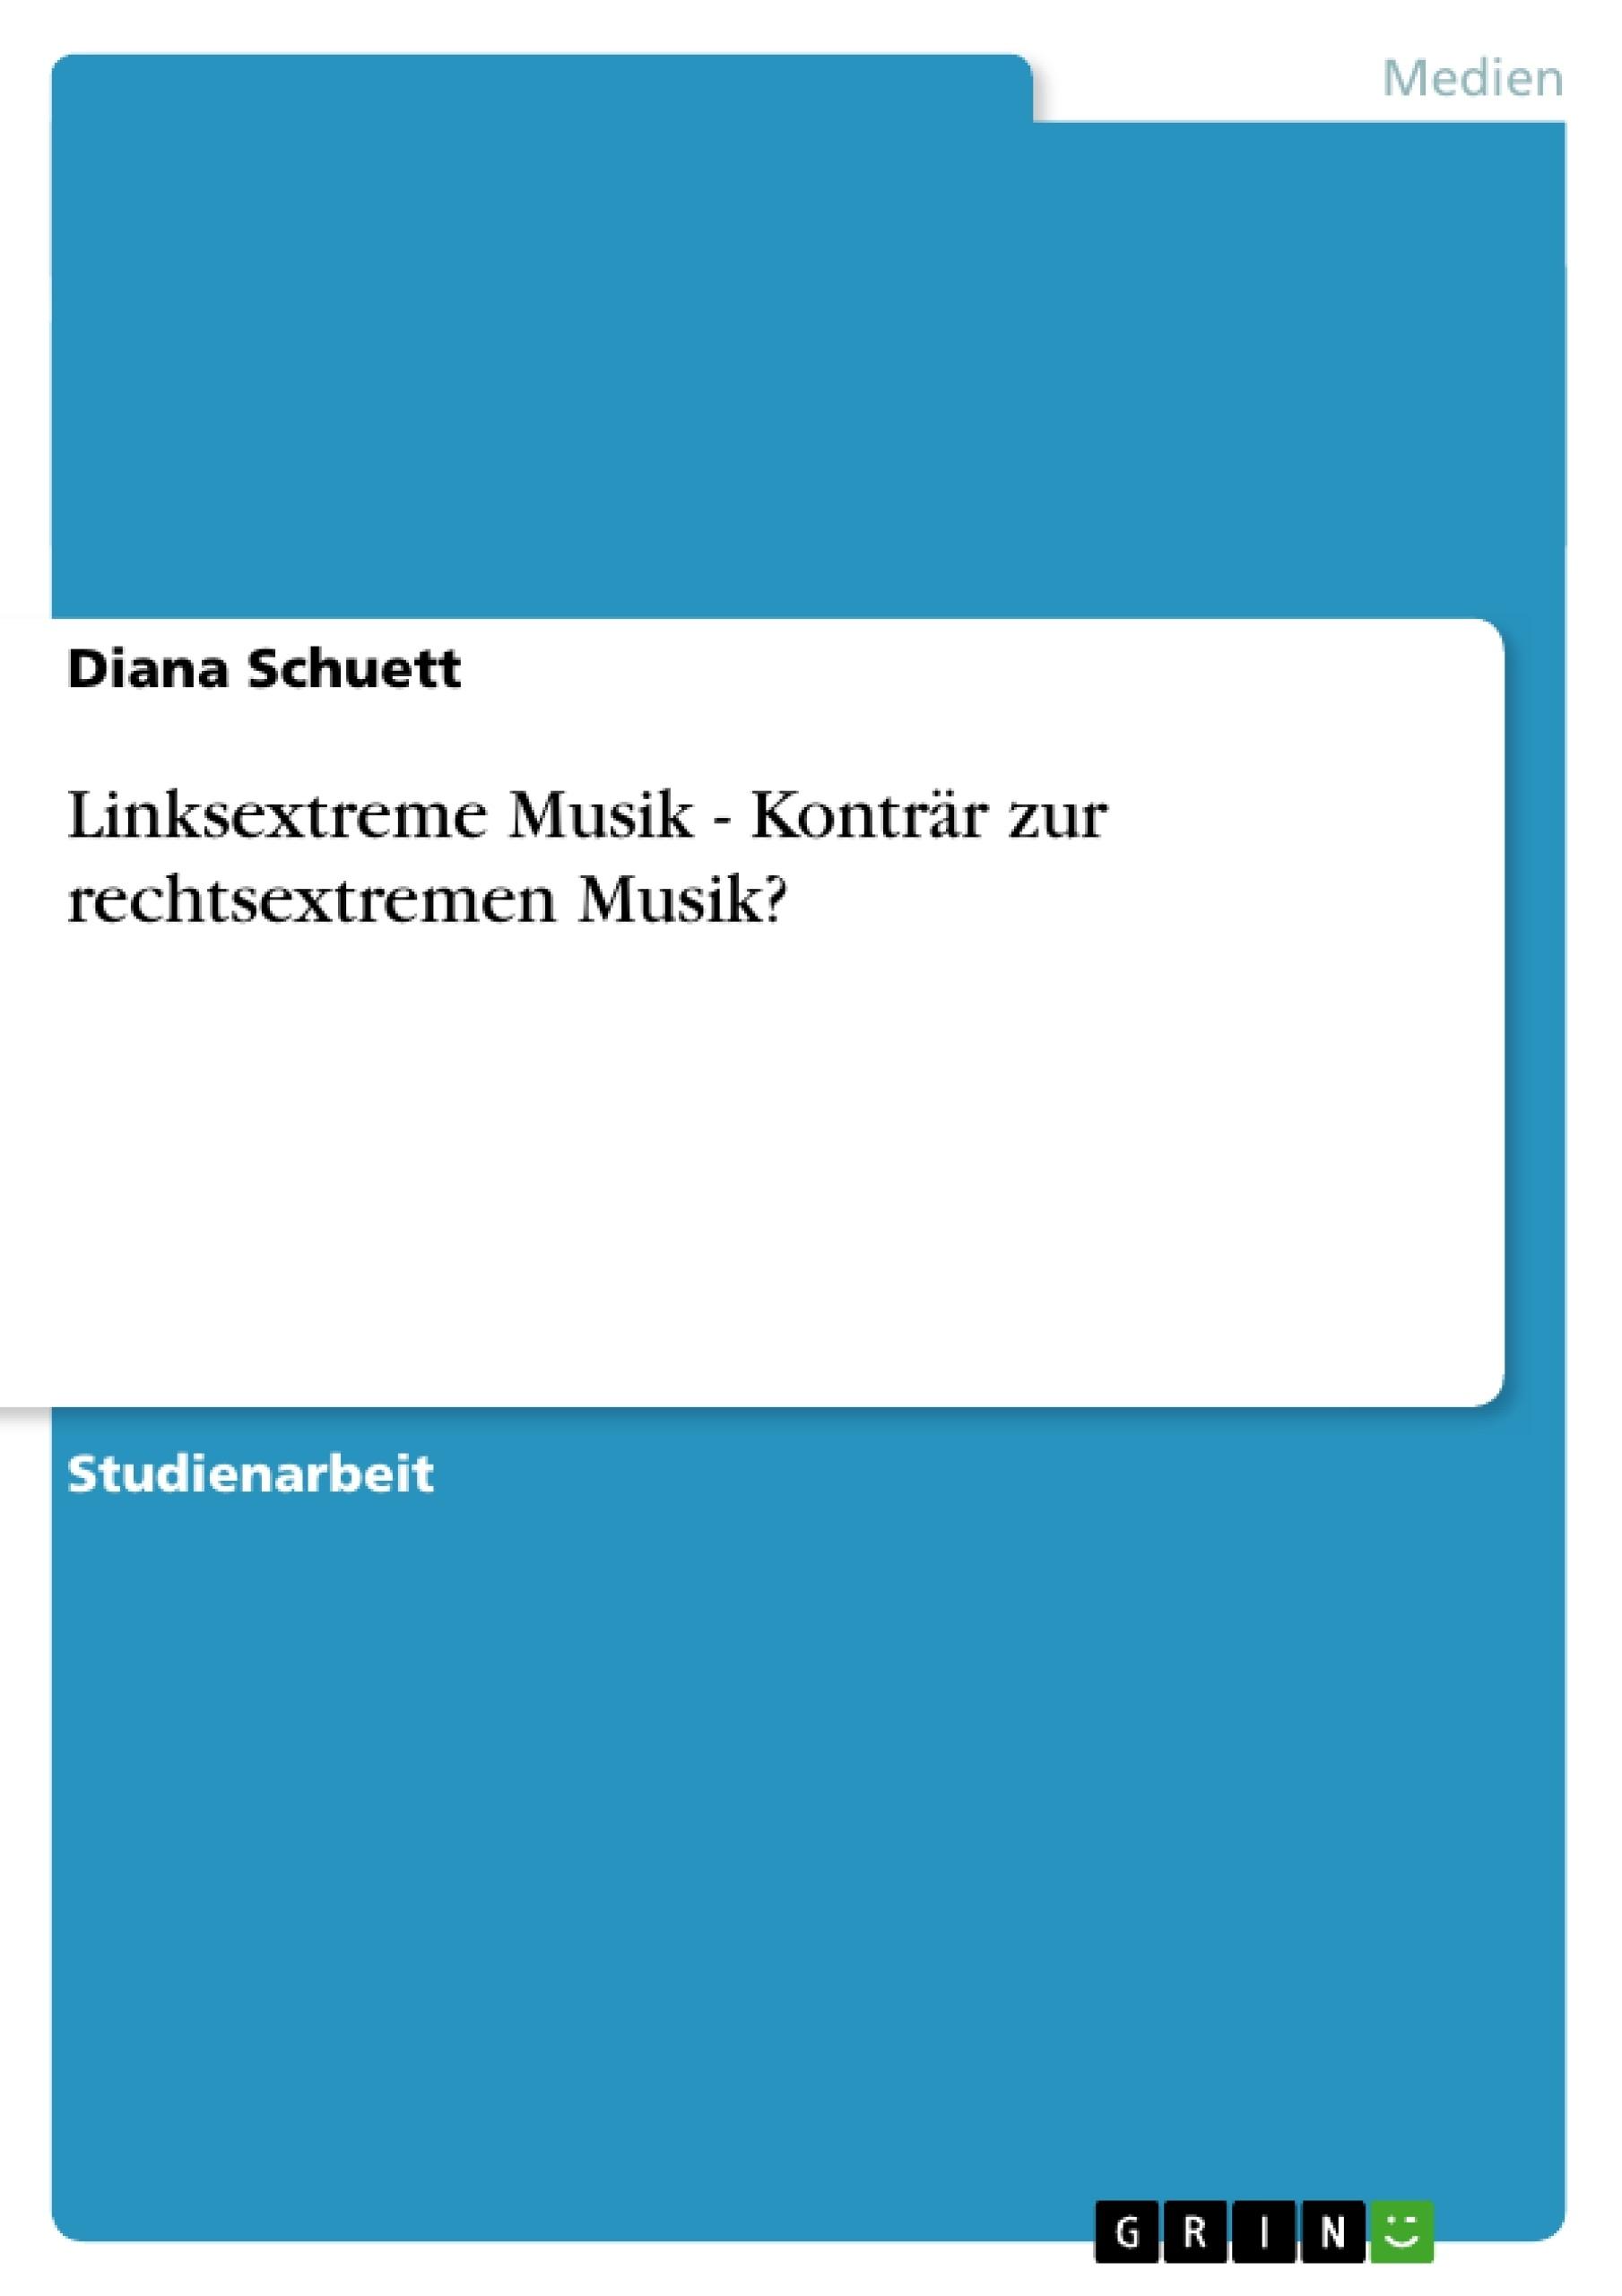 Titel: Linksextreme Musik - Konträr zur rechtsextremen Musik?